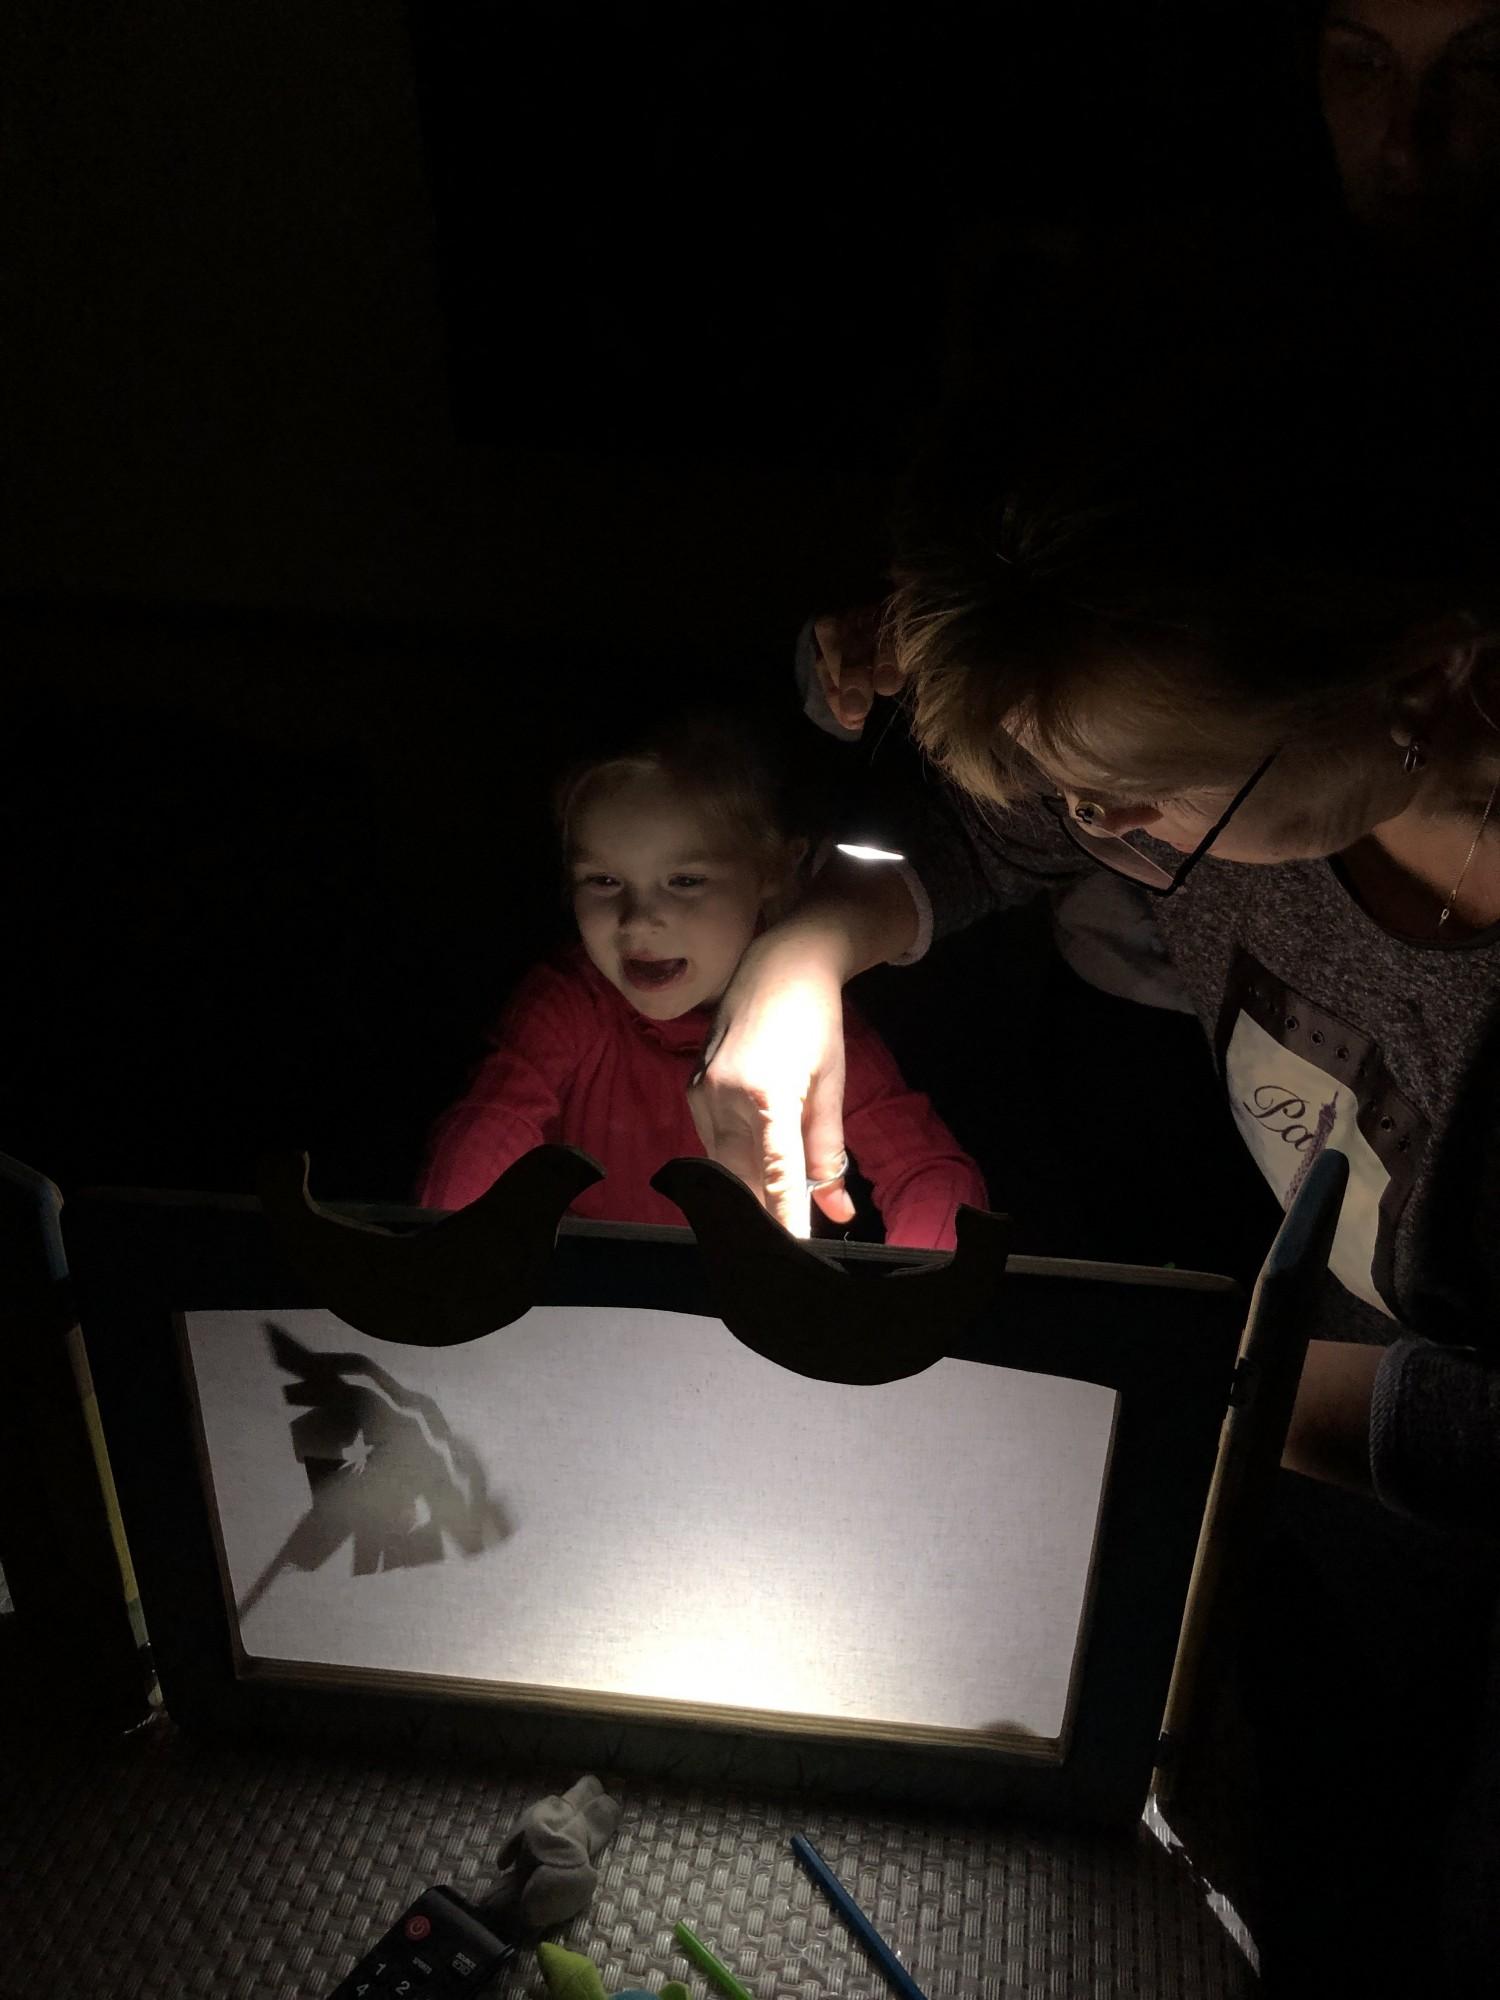 На фото моя мама и моя племянница ставят теневой спектакль.